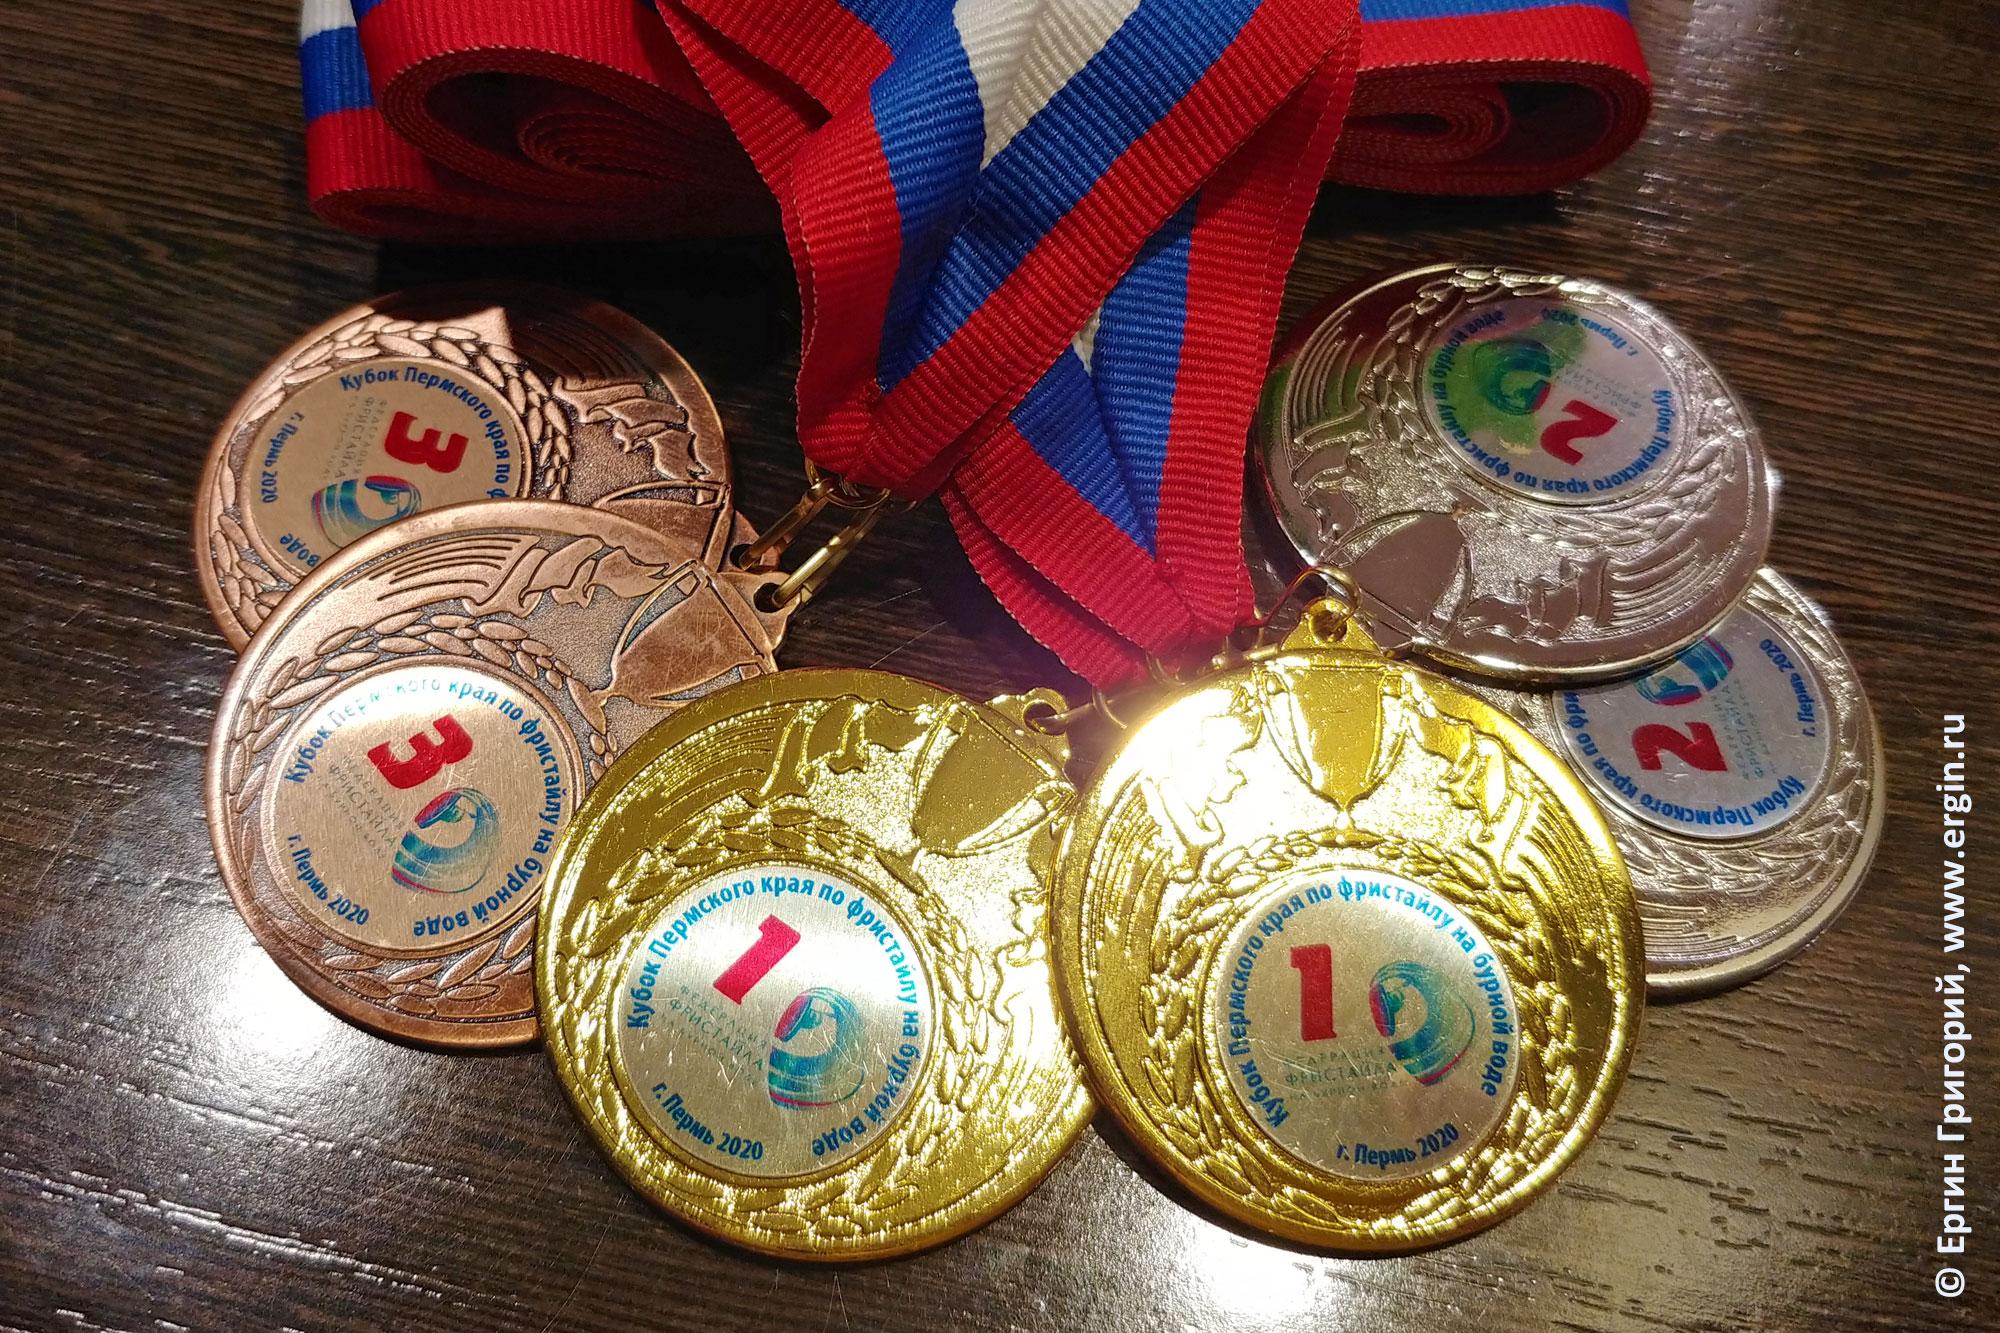 Медали Кубка Пермского края по фристайлу на бурной воде